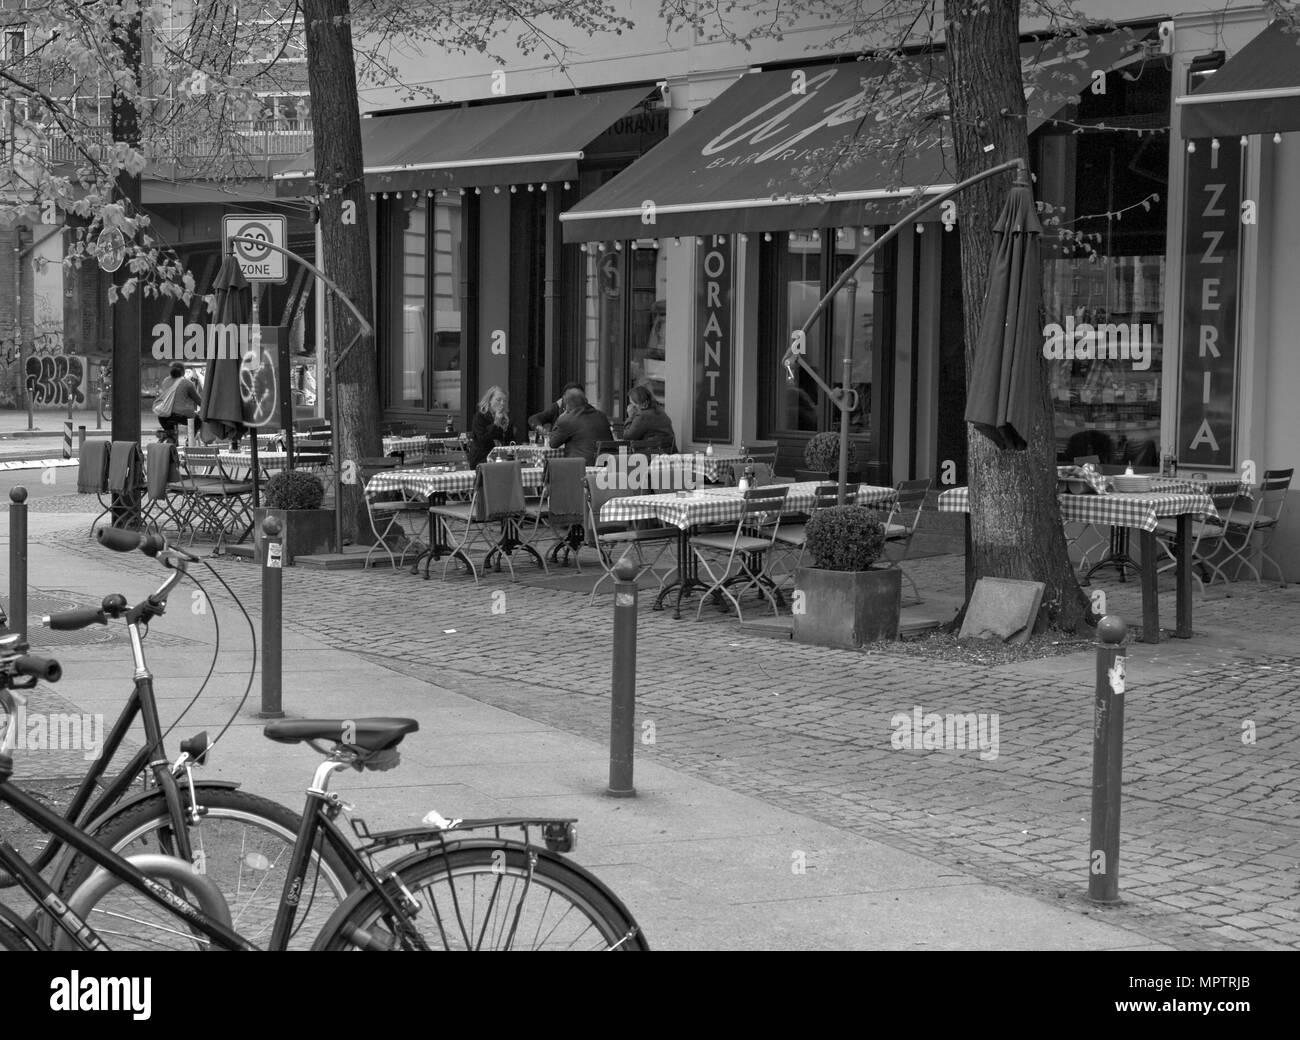 Berlino, Germania, pranzo, ristorante, tavoli fuori seduta ospiti ombrelloni stesi Oranienburger Str. Berlin-Mitte, distretto. Martedì © Peter SPURRIER Immagini Stock